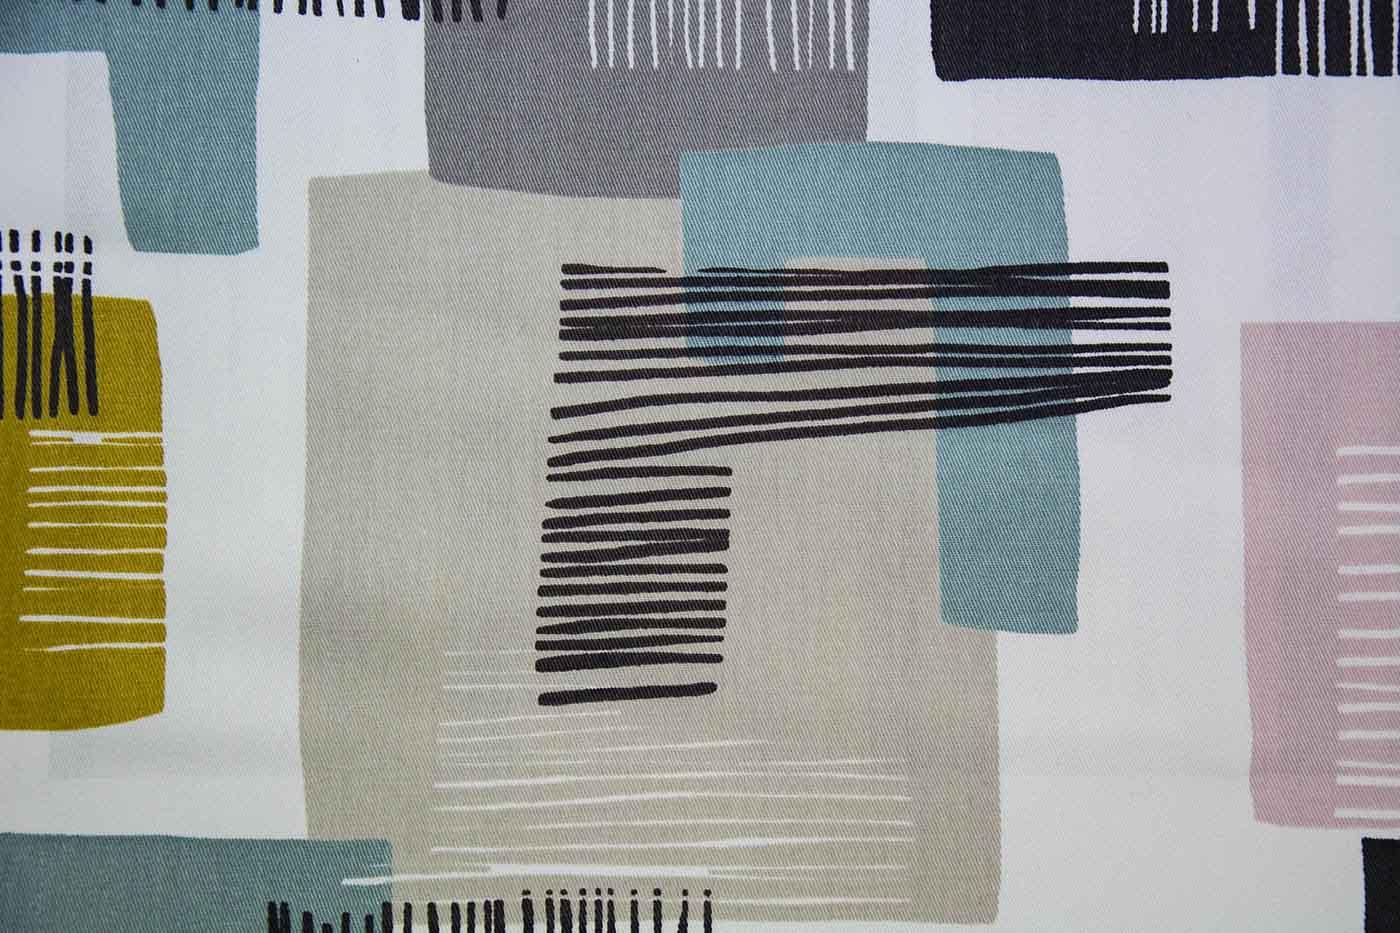 Estampat tèxtil colors càlids sobre fons blanc